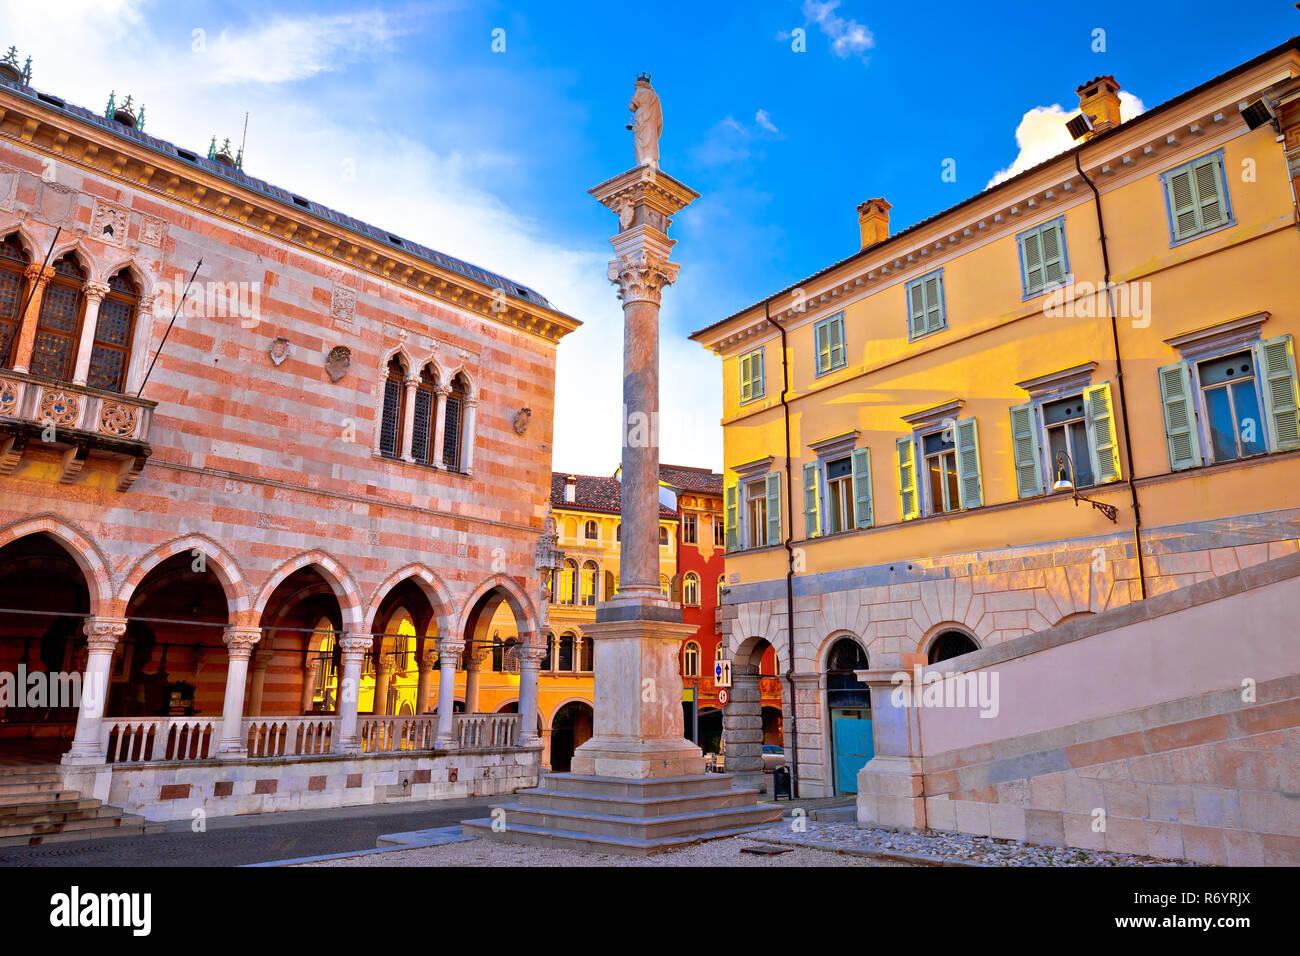 Piazza della Liberta square in Udine landmarks view - Stock Image